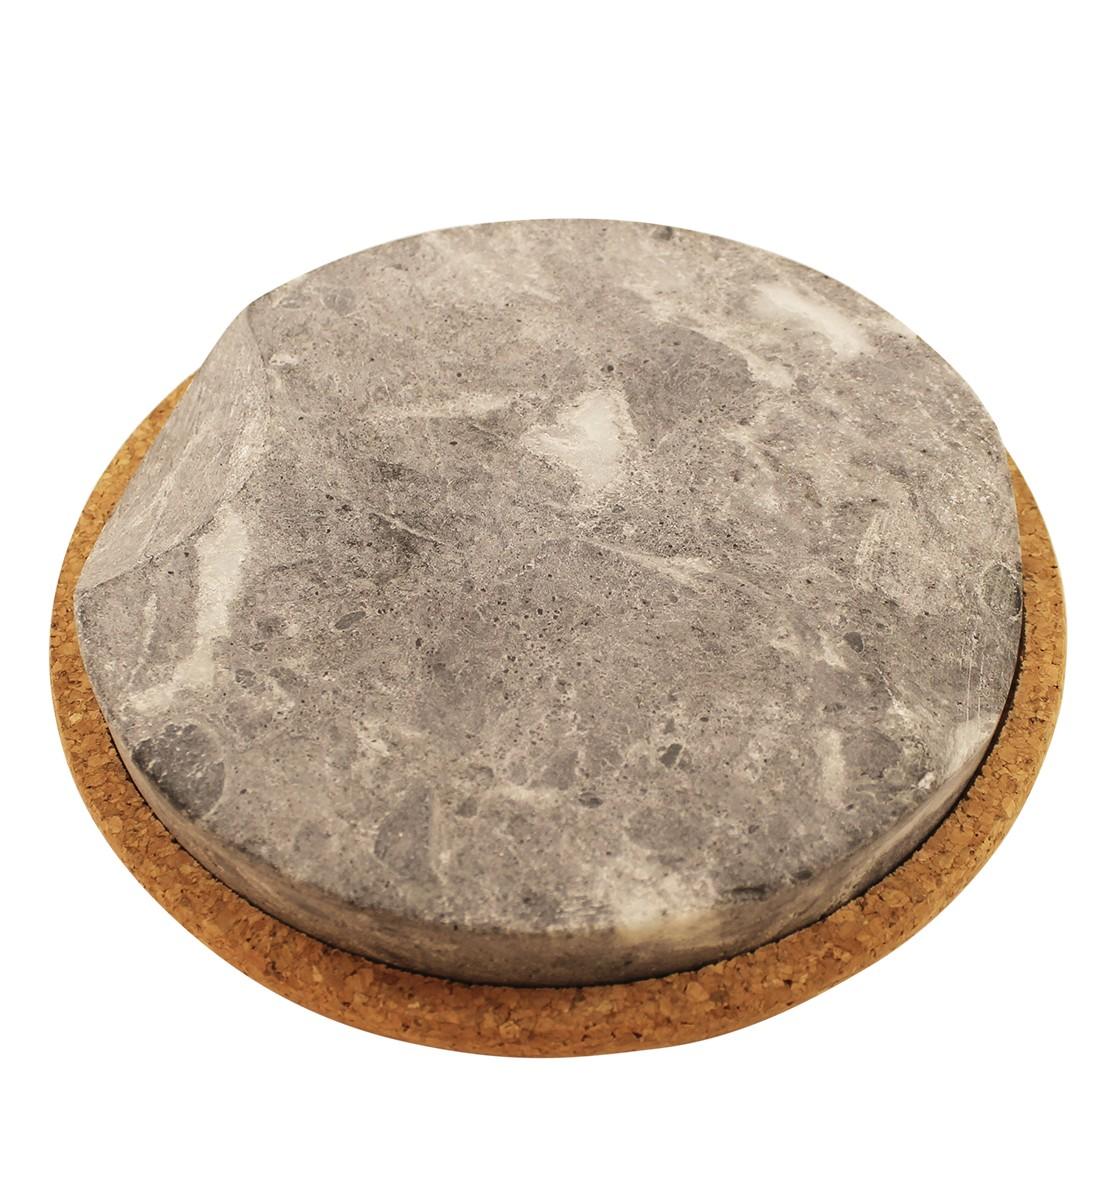 Підставка під їжу з каменю Taljsten фото